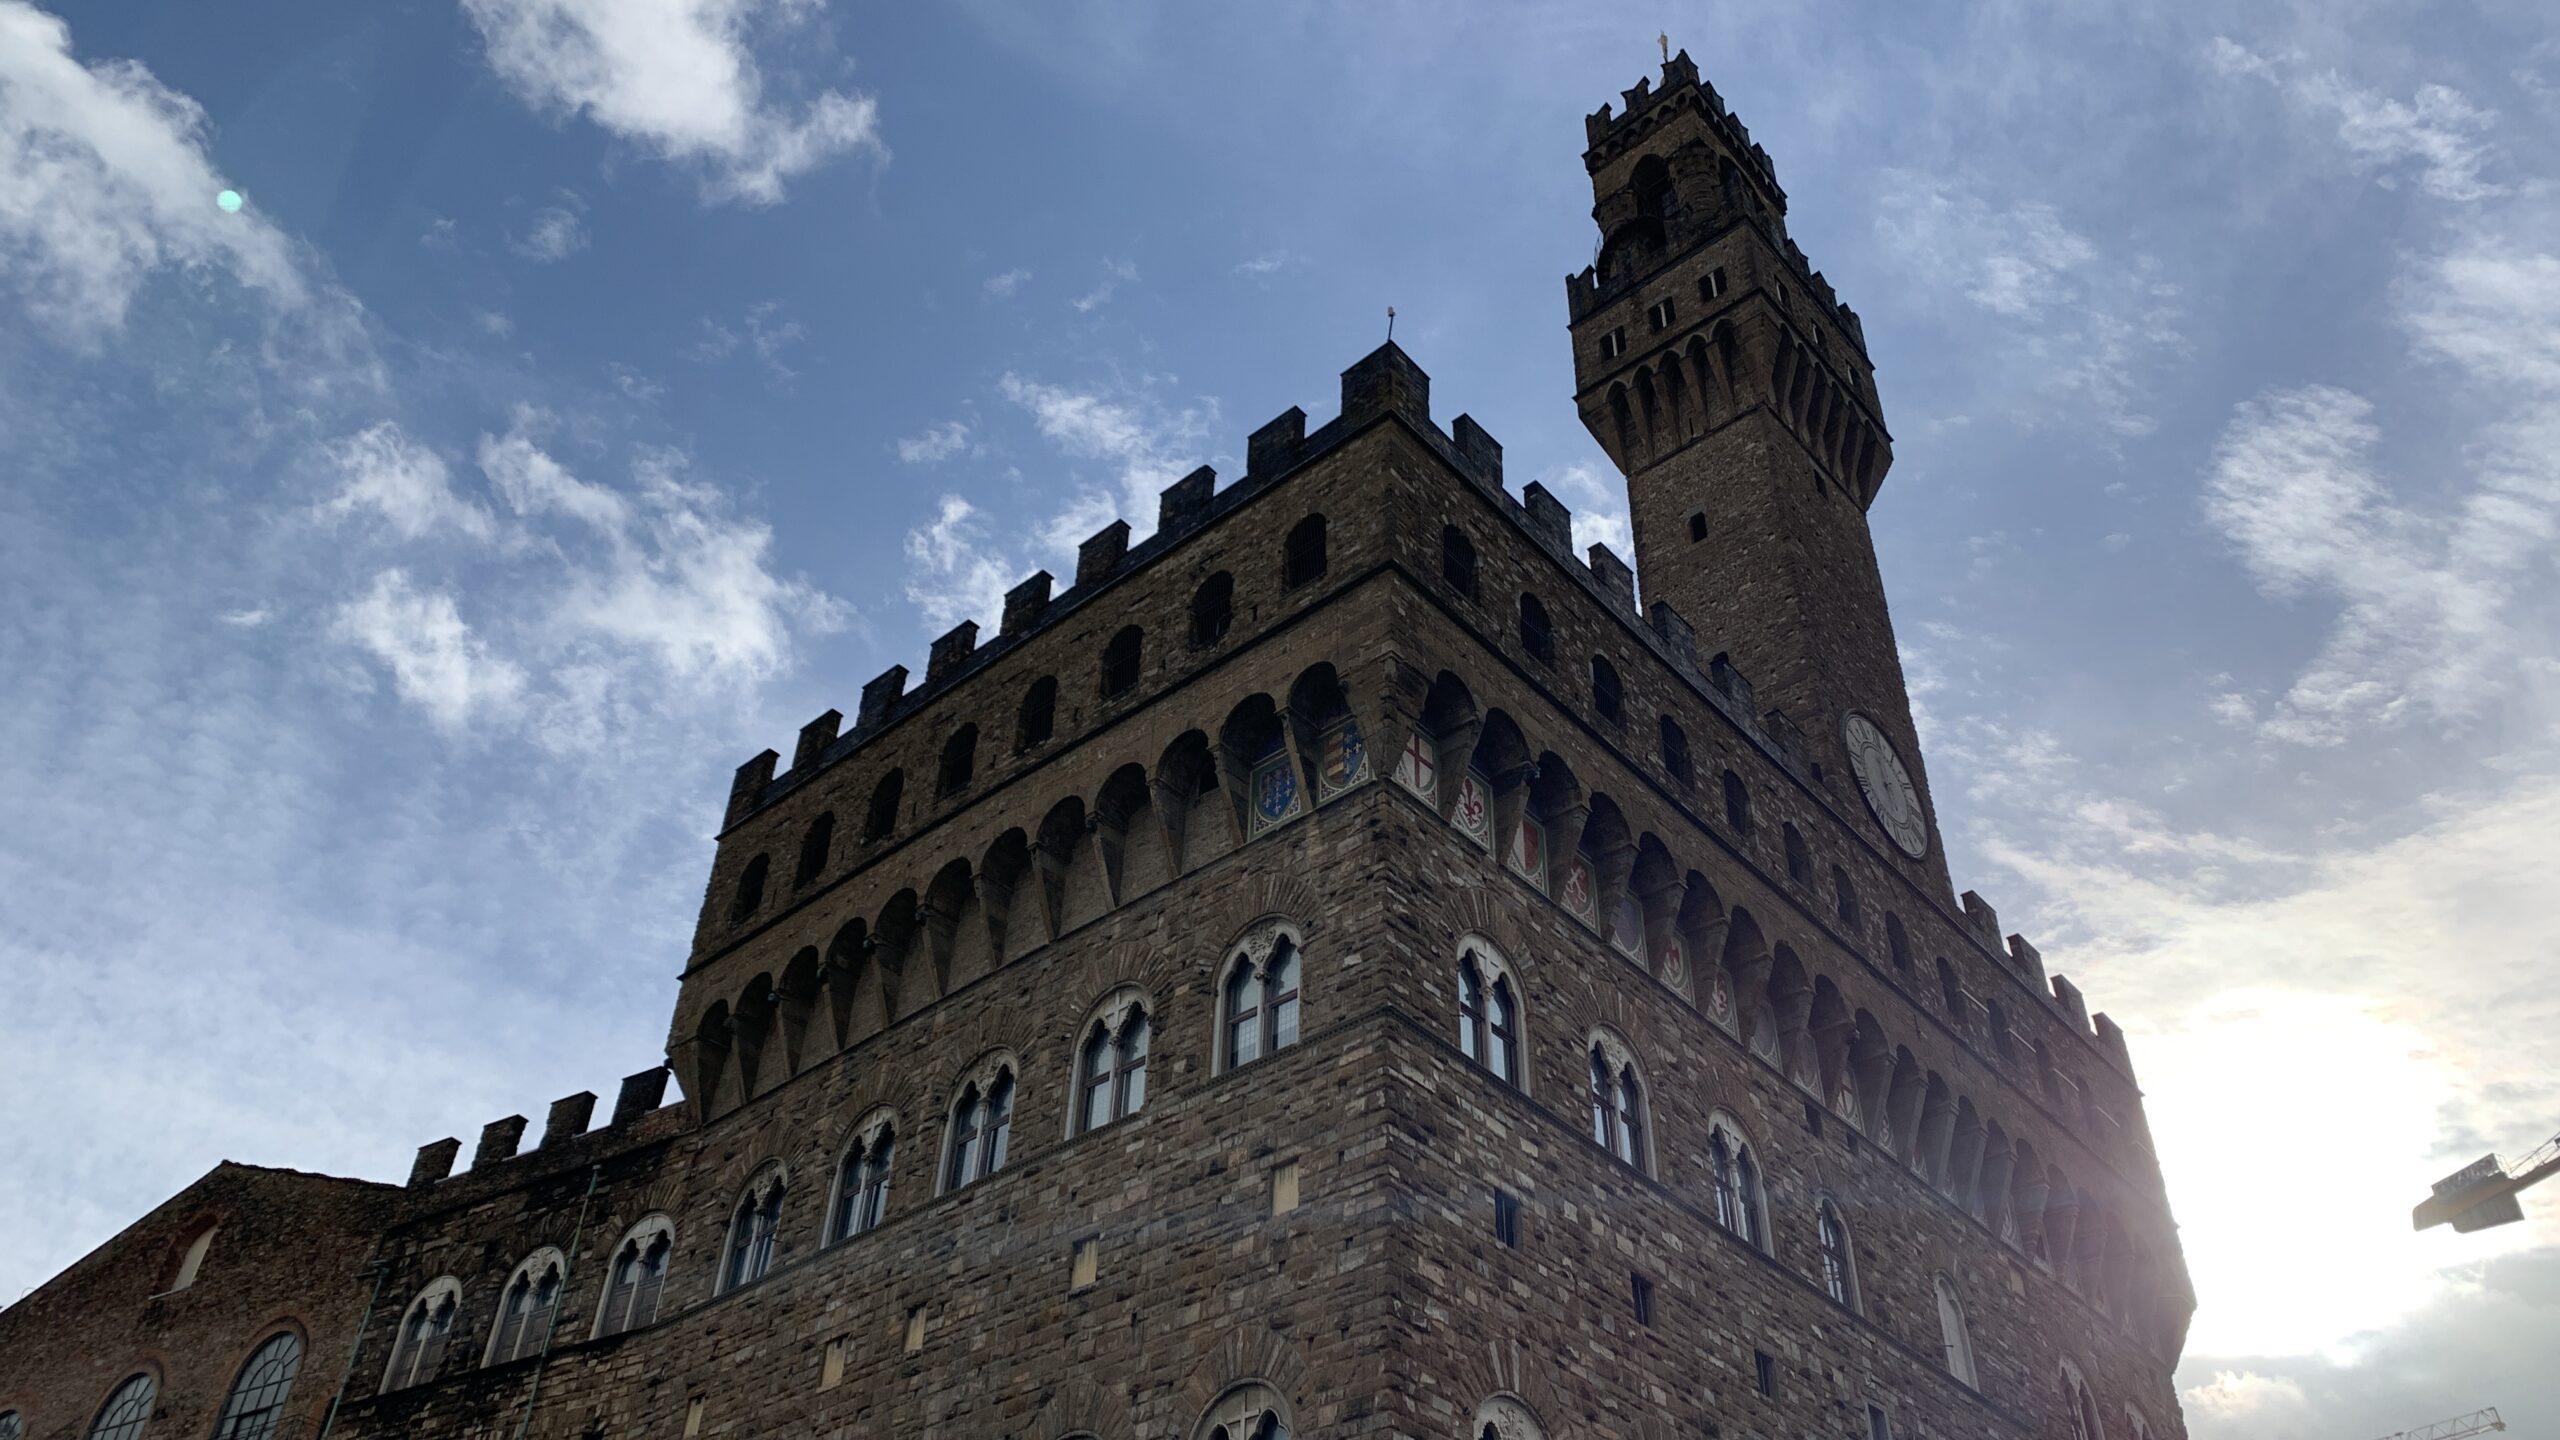 Palazzo Vecchio - Earth Day